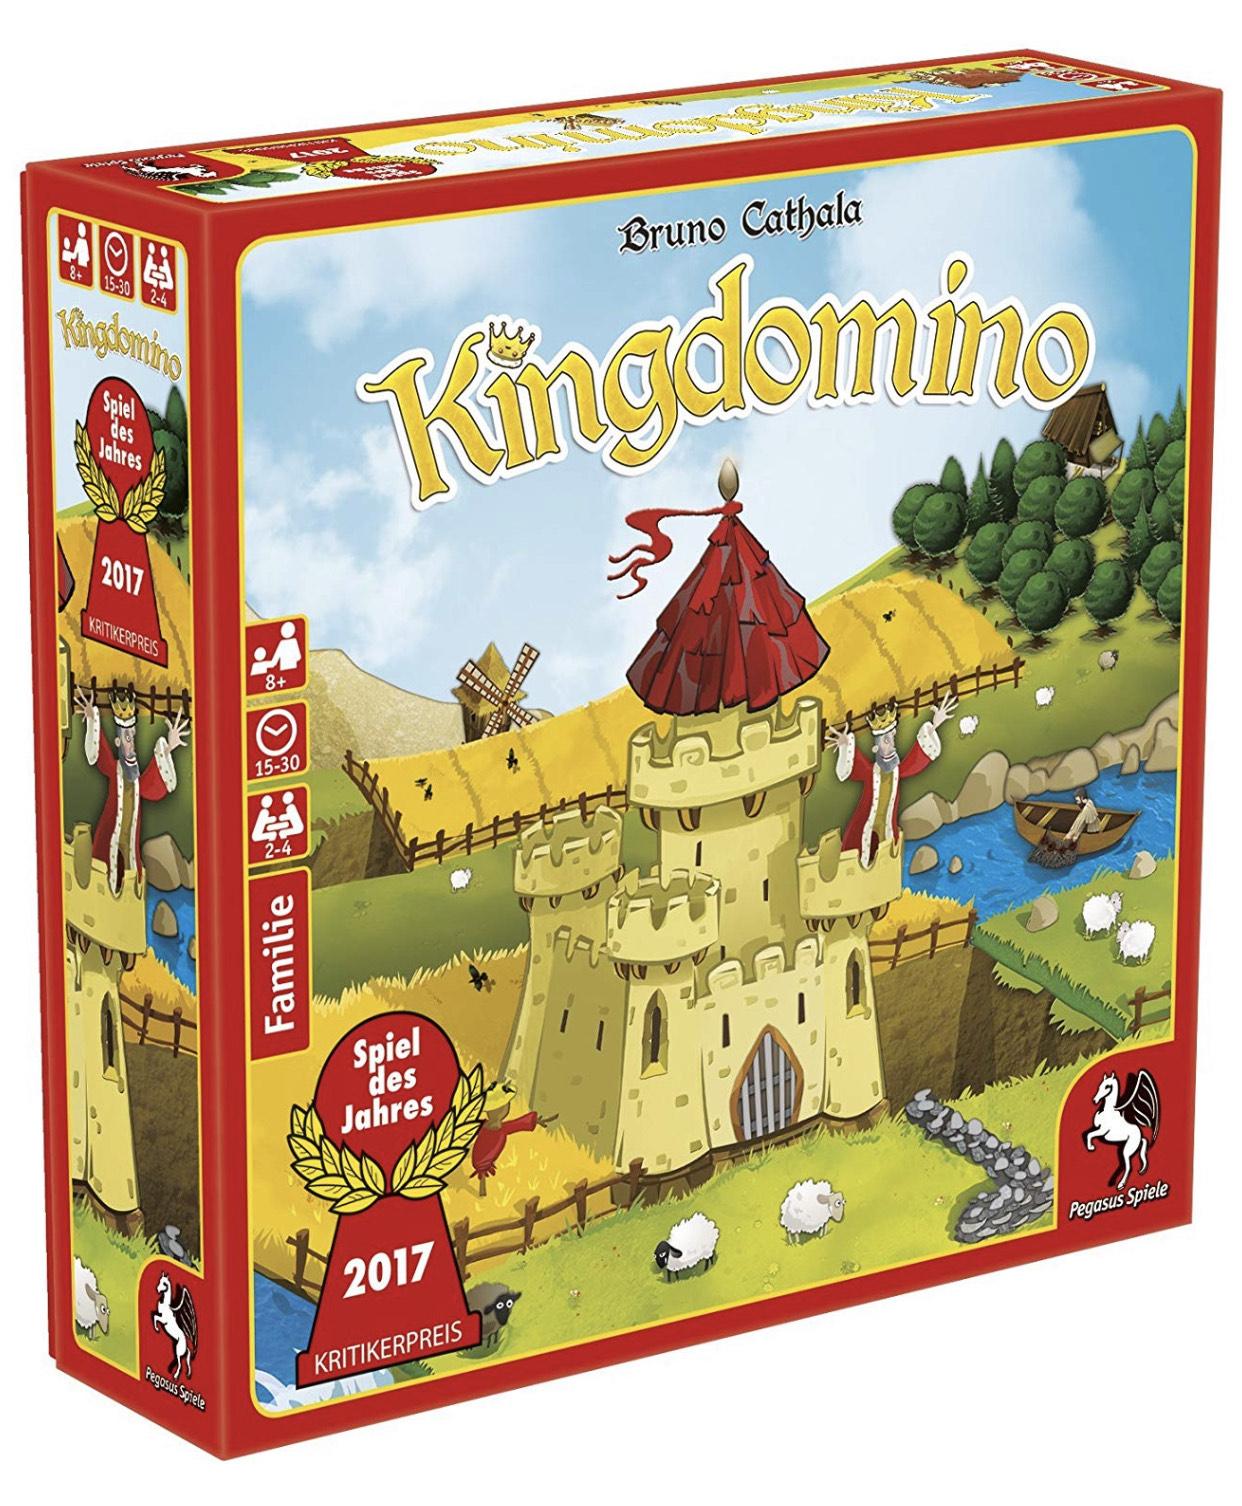 Pegasus Spiele - Kingdomino (Spiel des Jahres 2017) im Blitzangebot